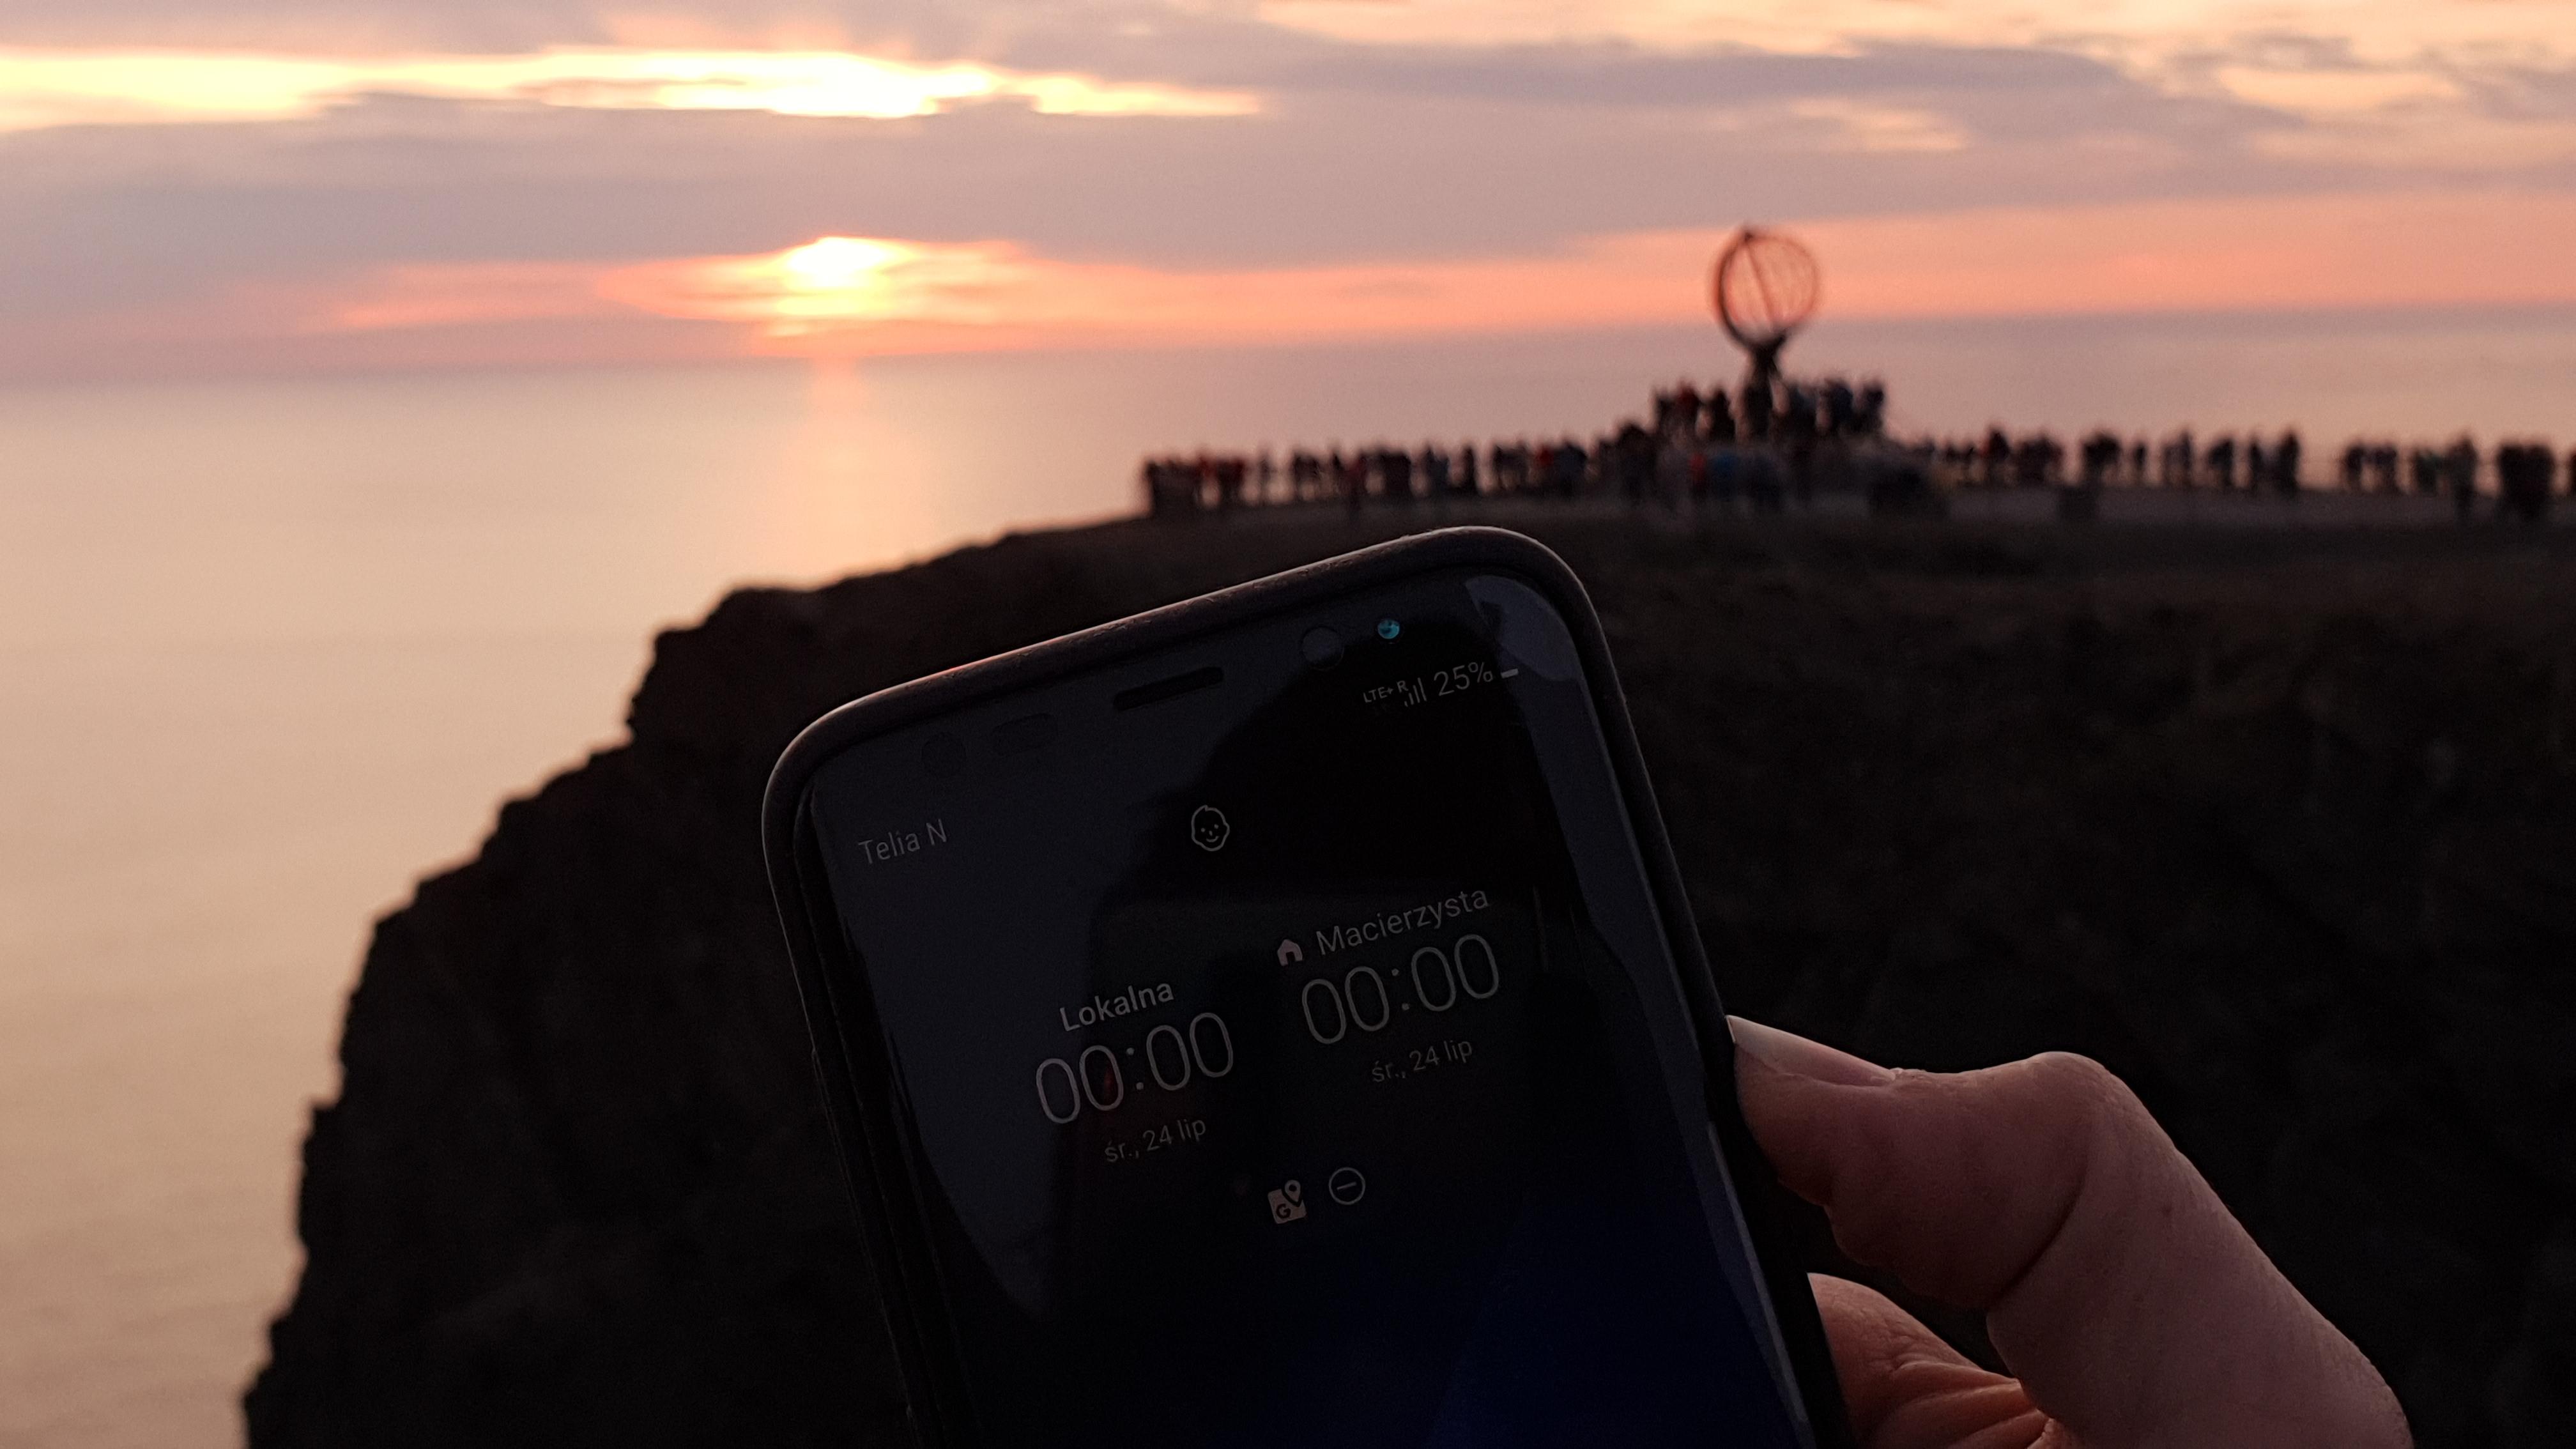 Norwegia 2019 – gdzie dzień się nigdy nie kończy…